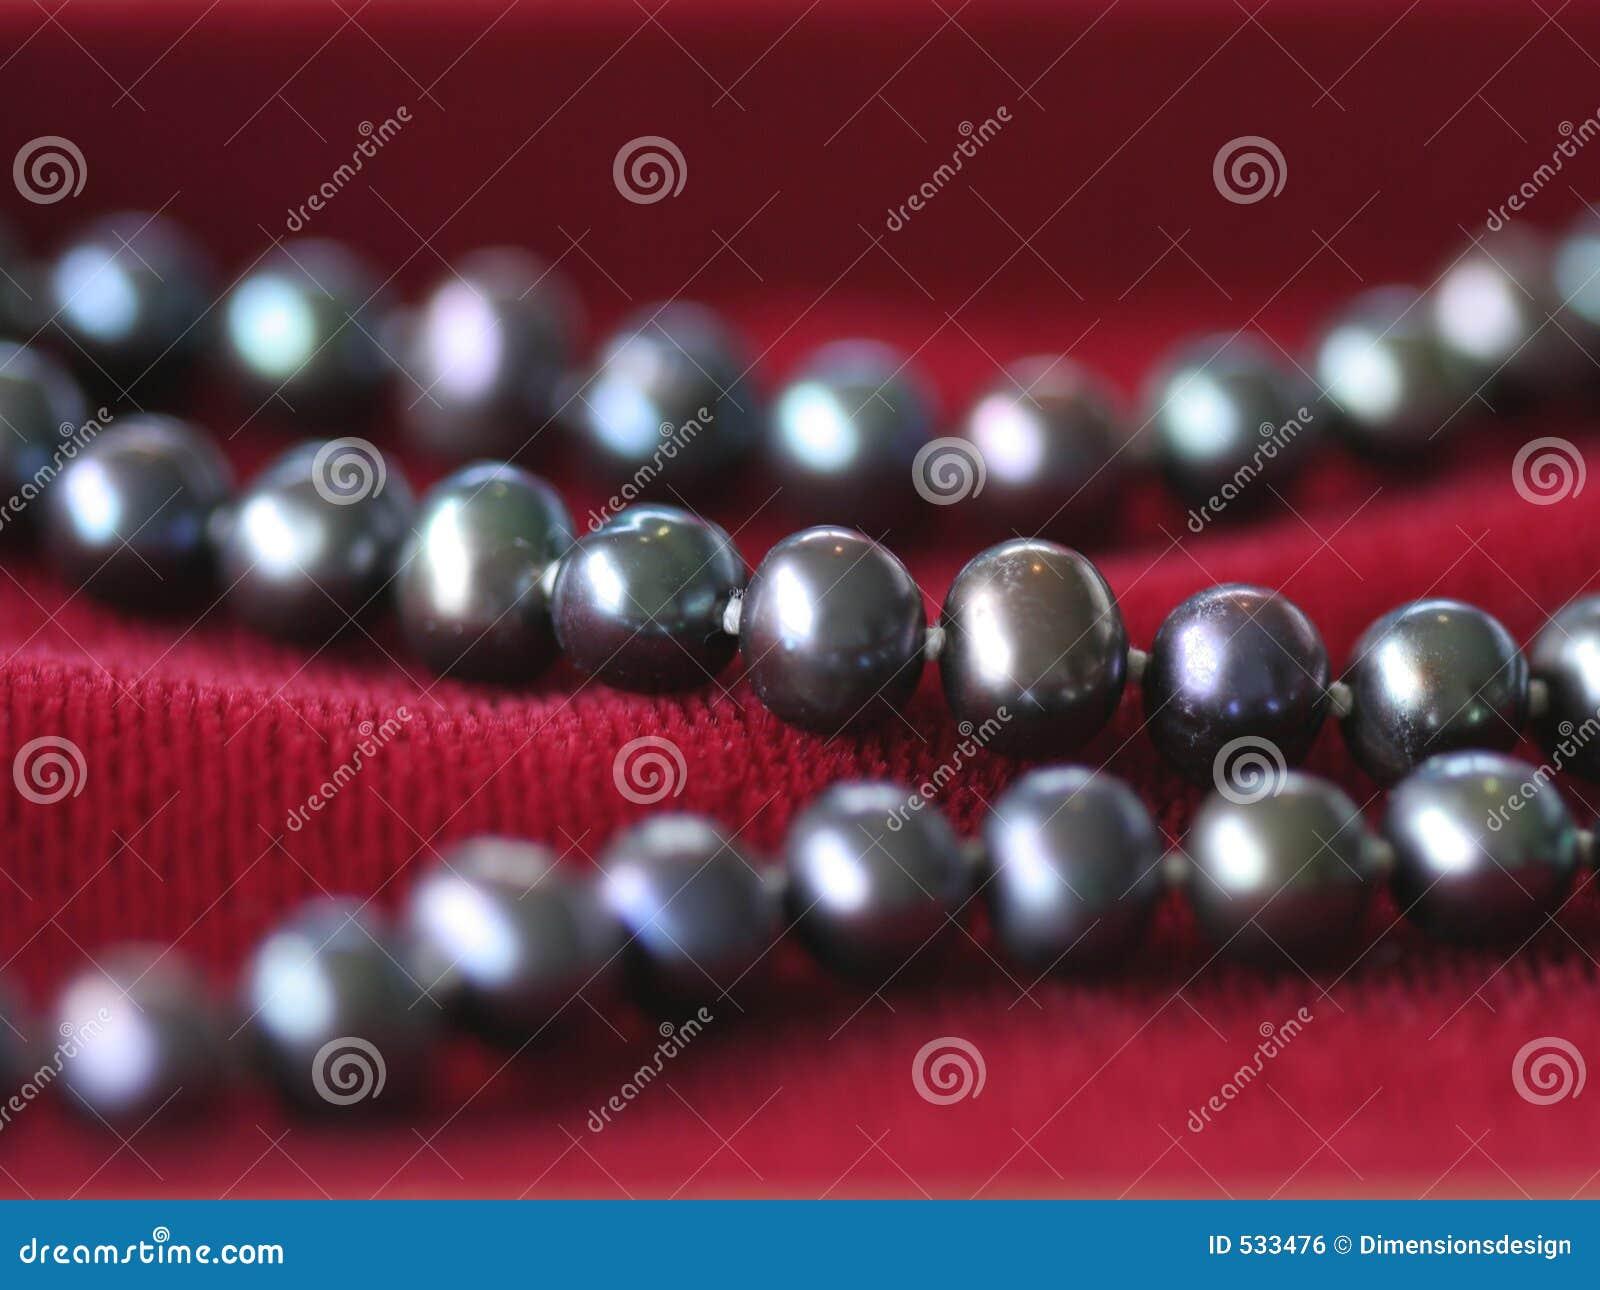 Download 黑色项链珍珠红色天鹅绒 库存照片. 图片 包括有 珠宝, 珍珠, 字符串, 女性, 金子, 重点, 天鹅绒, 服装 - 533476